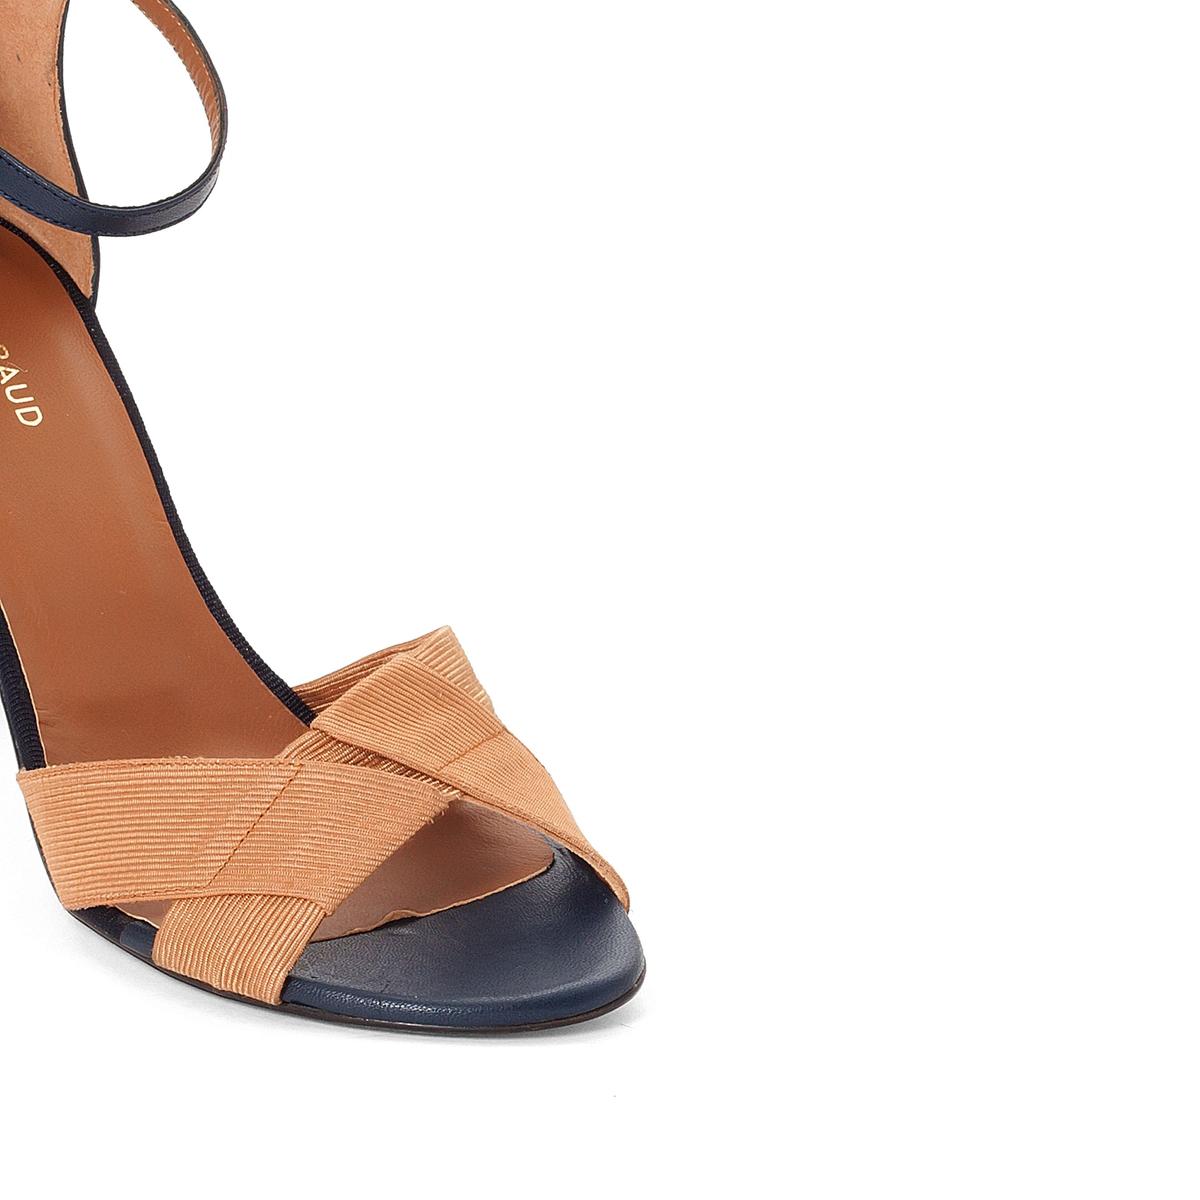 Босоножки кожаные EliaВерх : кожа   Подкладка : кожа   Стелька : кожа   Подошва : кожа   Высота каблука : 8 см   Форма каблука : квадратный каблук   Мысок : закругленный мысок   Застежка : ремешок<br><br>Цвет: темно-синий/темно-бежевый<br>Размер: 36.41